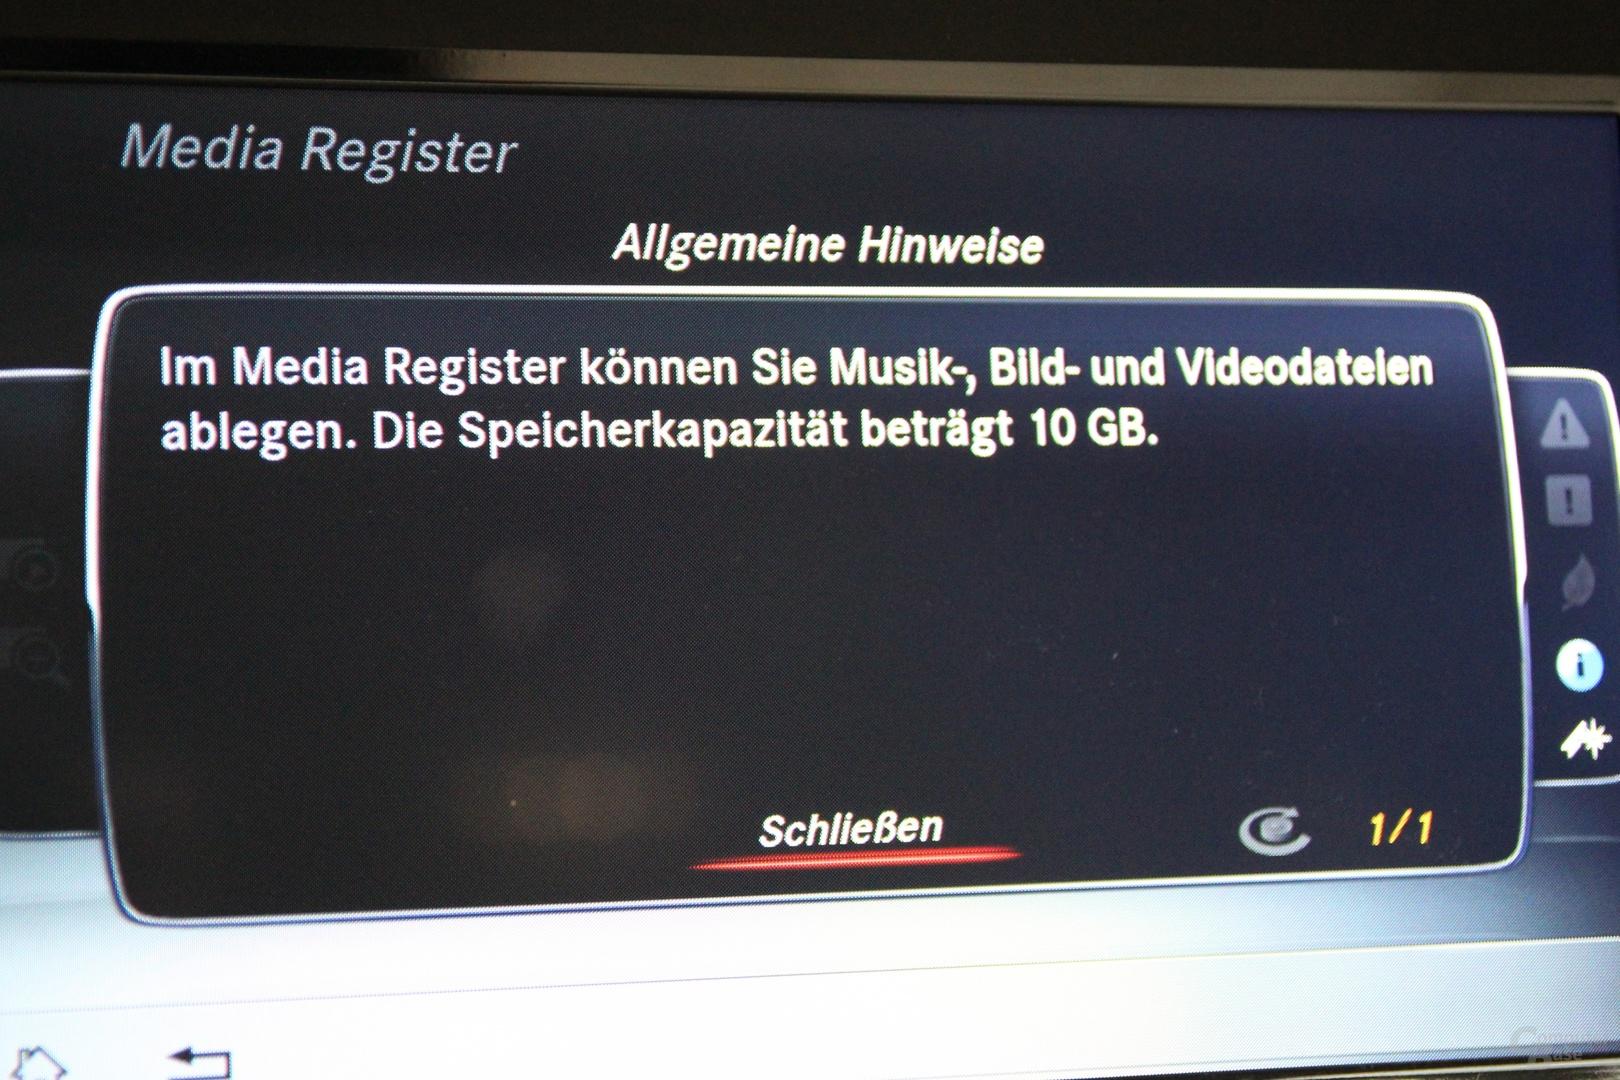 Aux-Eingang / Media Register für Musik, Video und Bilder mit 10 GB